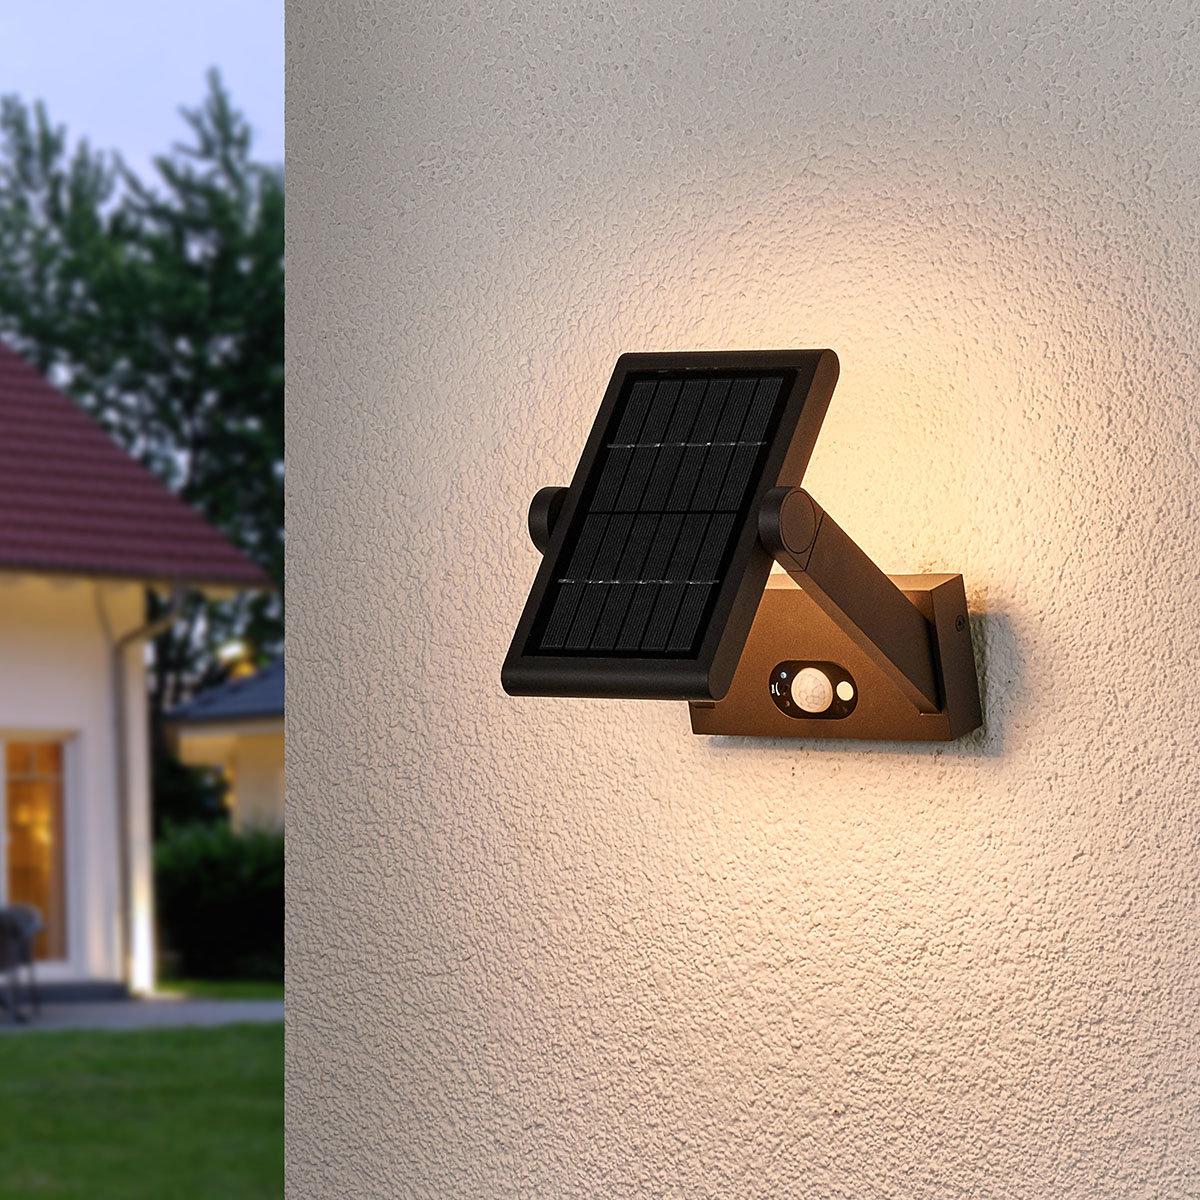 Solar-LED-Außenwandleuchte Valerian mit Bewegungsmelder, 16x23,3x15,2 cm, Aluminium, grau | #3